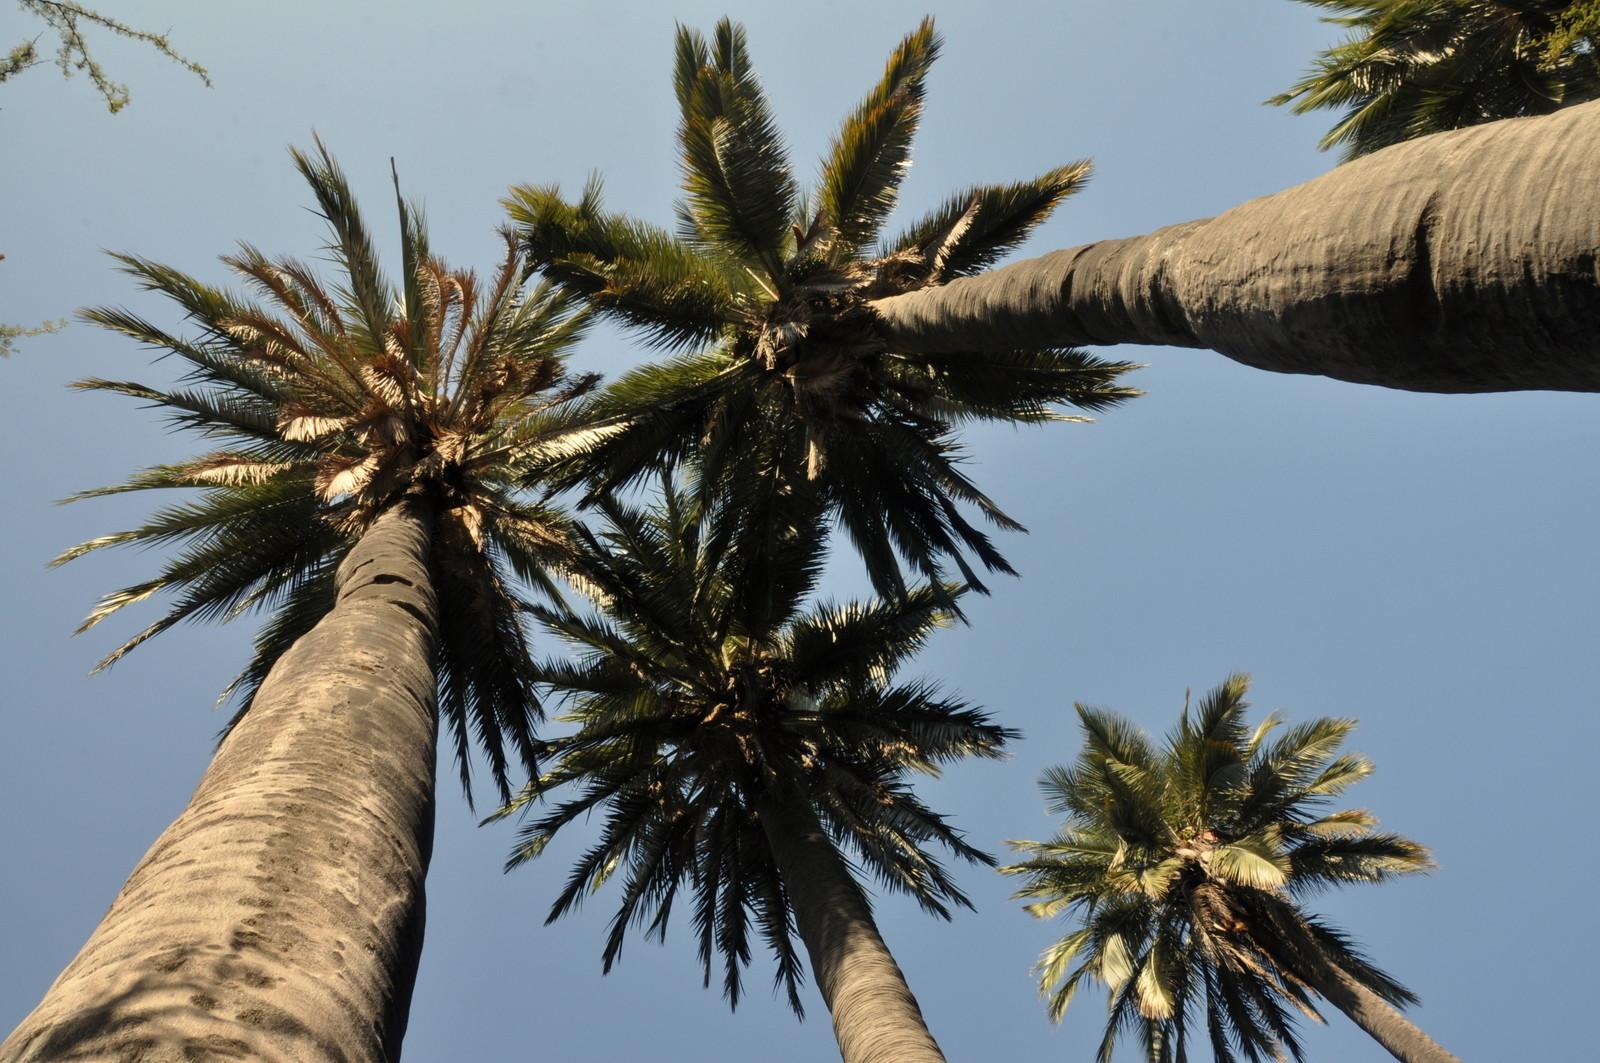 Die chilenischen Palmen